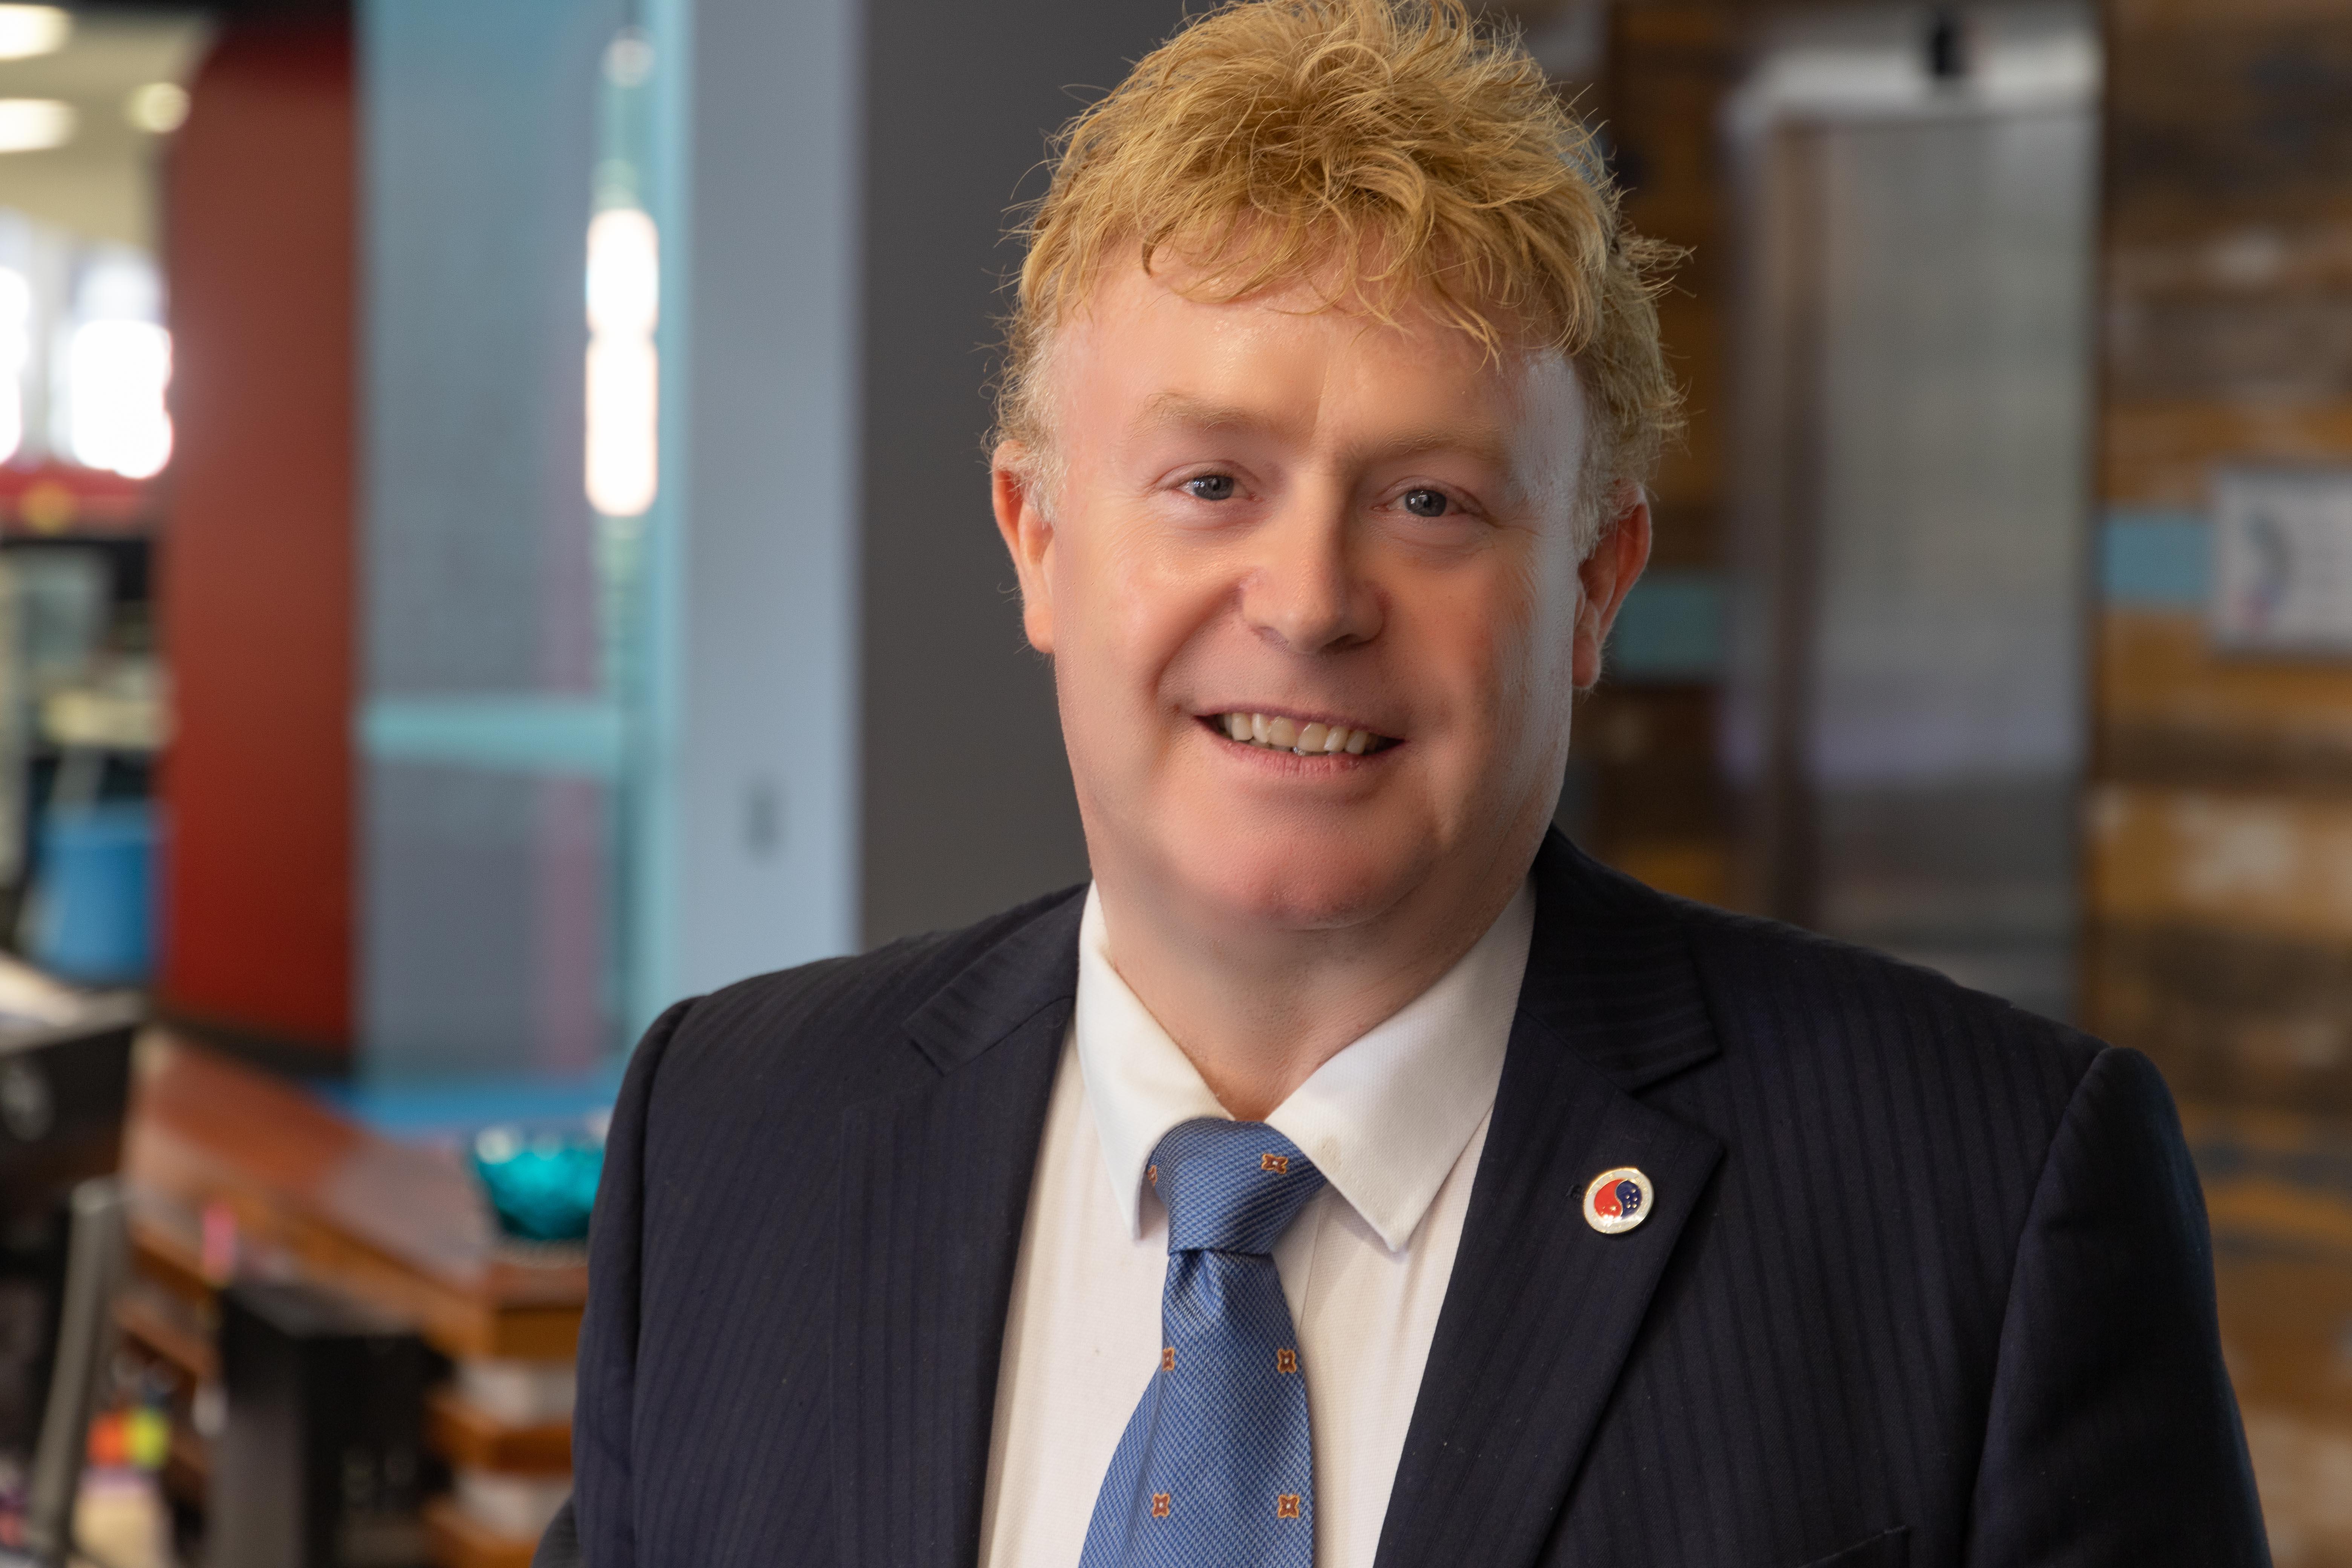 Duncan Calder